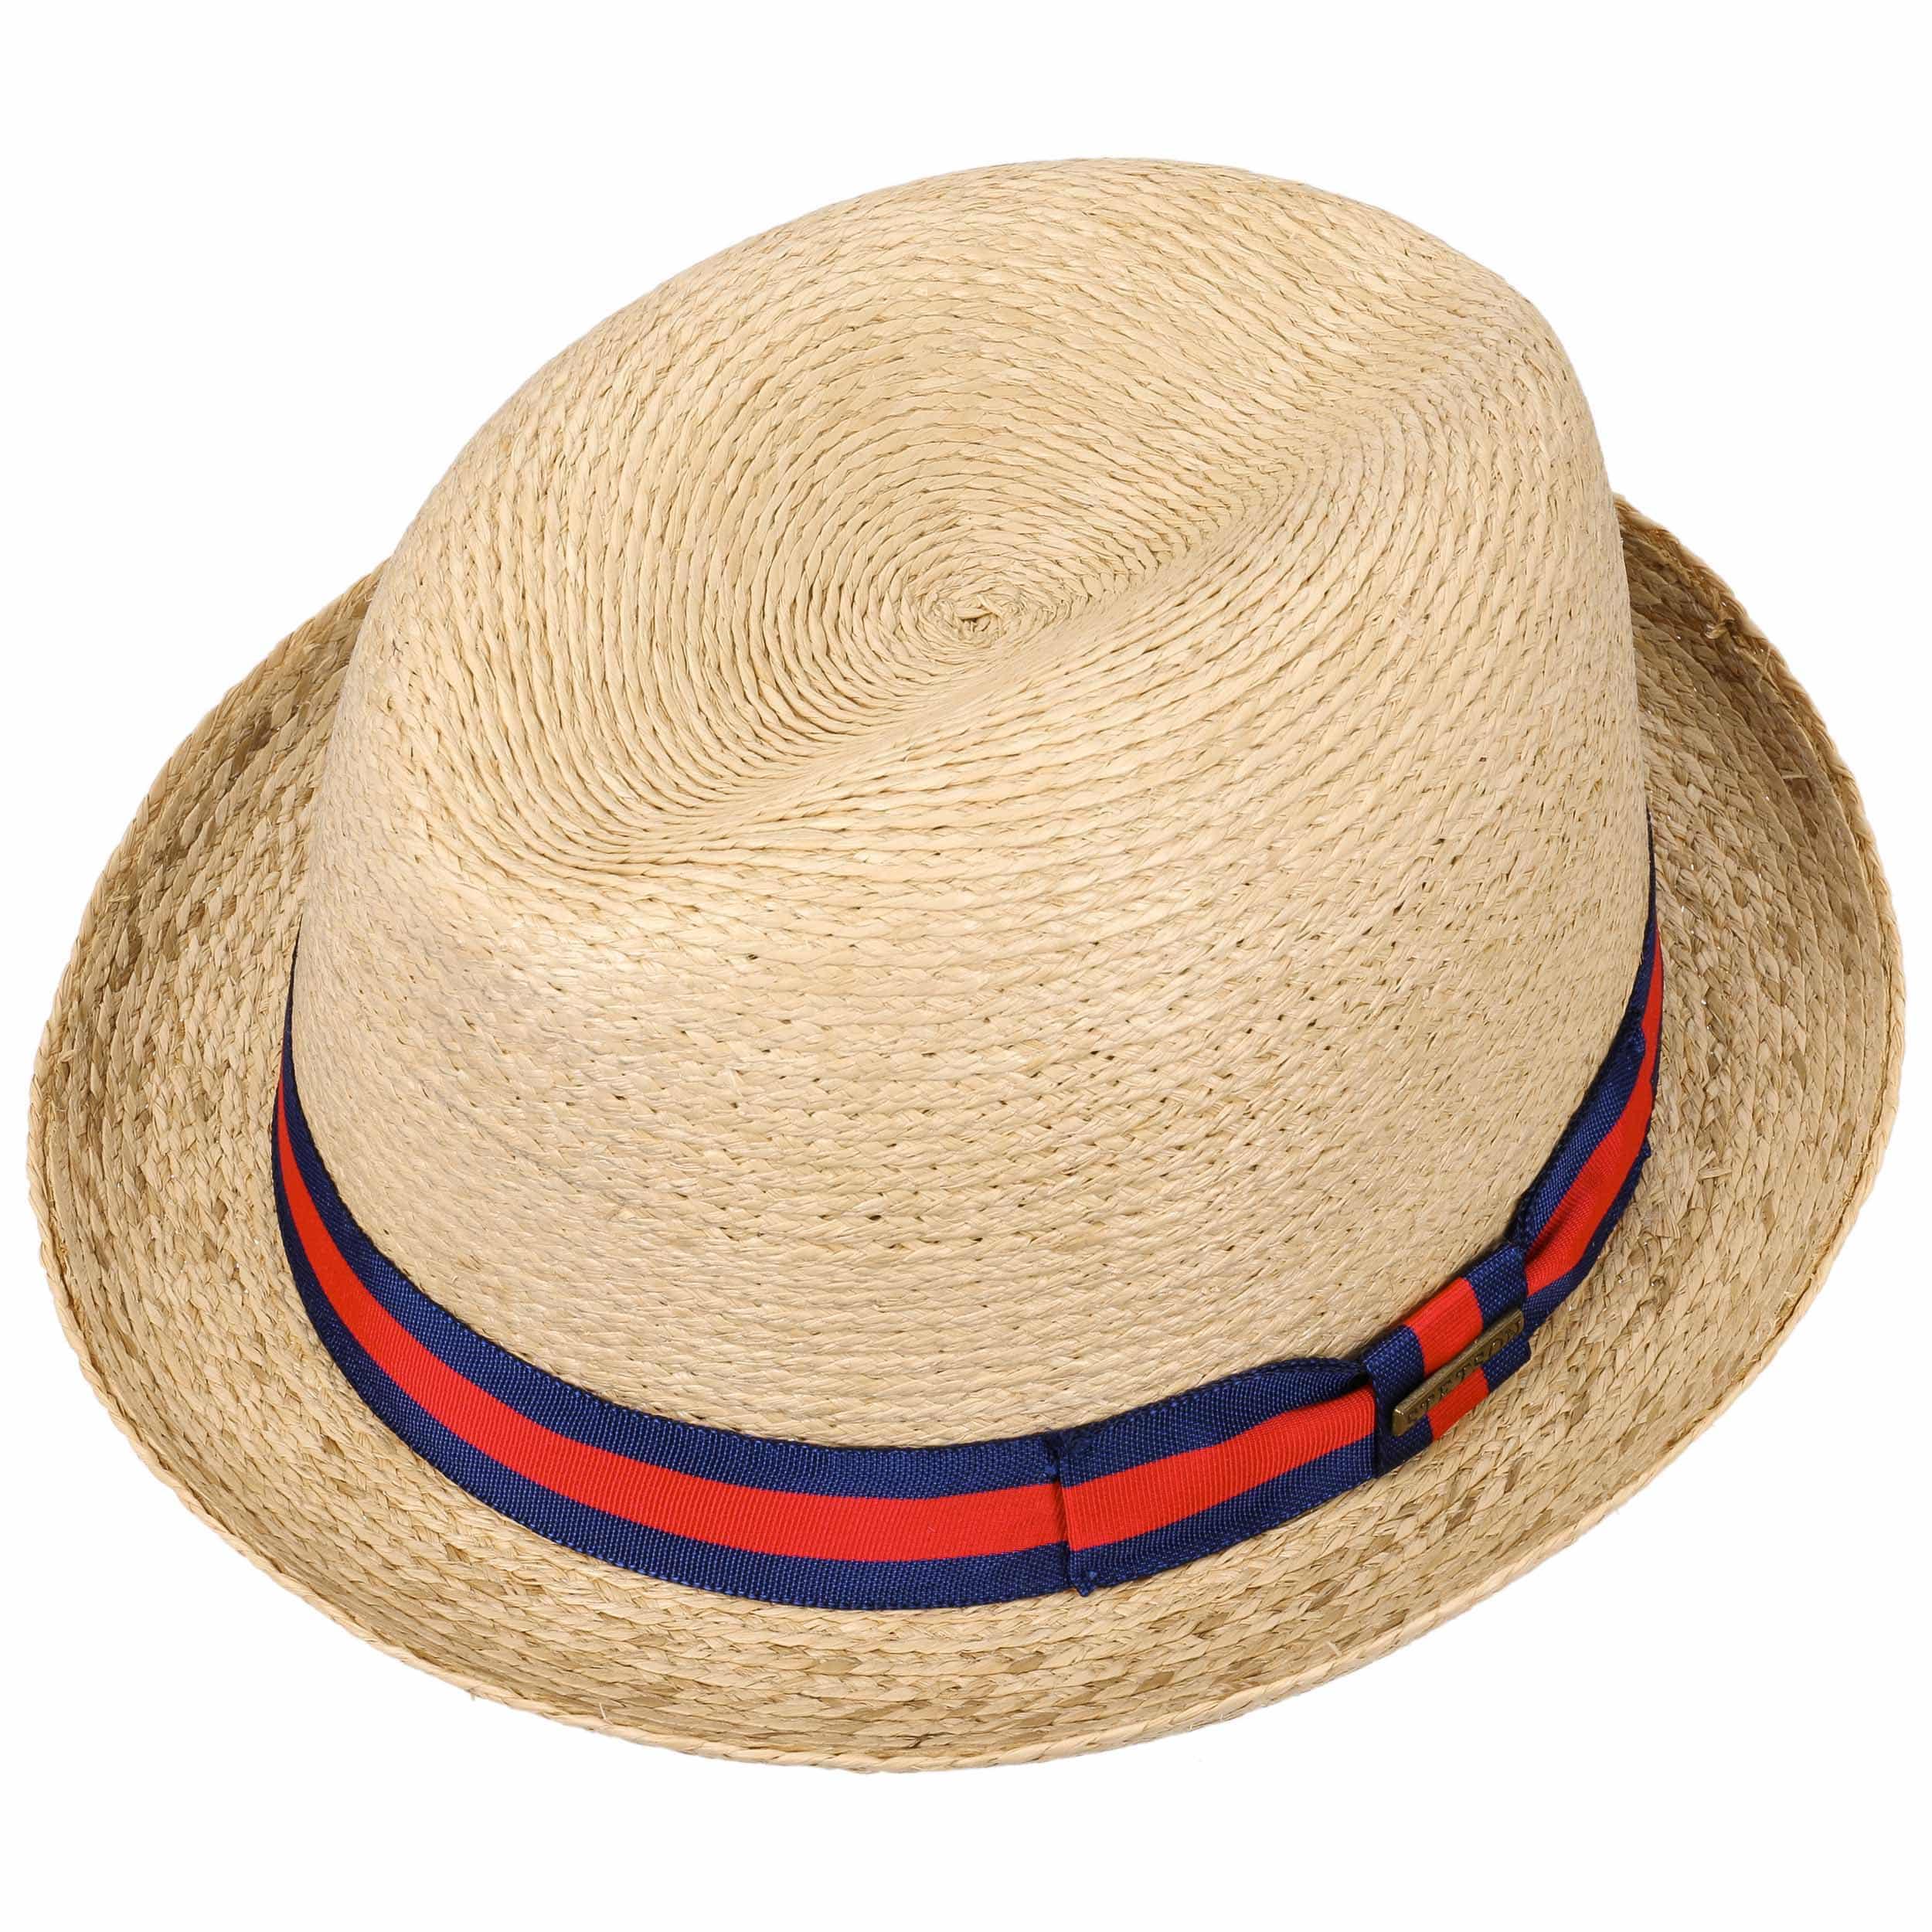 Sombrero de Paja Renton Rafia by Stetson - Sombreros - sombreroshop.es 321485c51d3